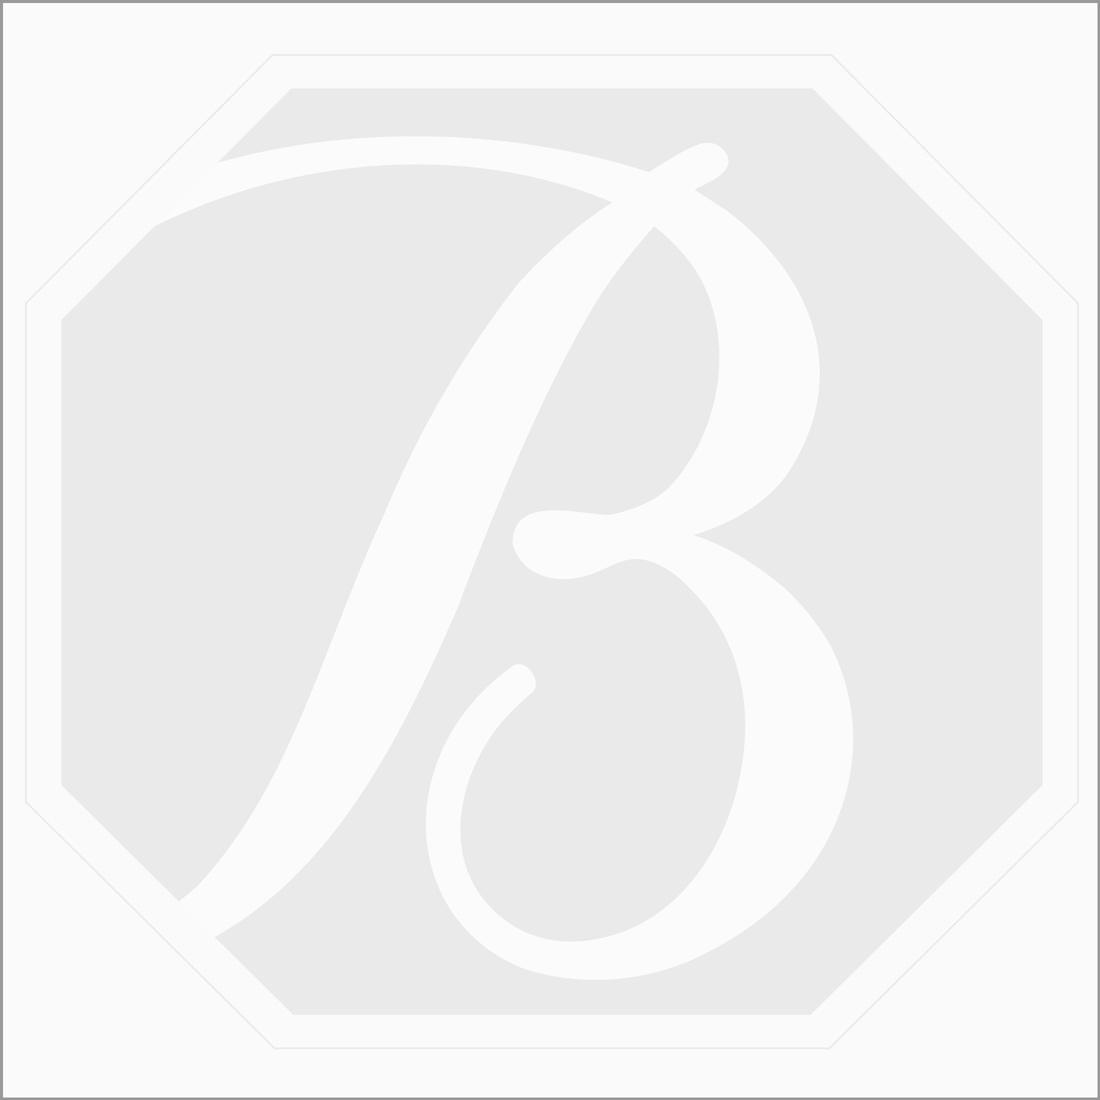 Multi Sapphire Briolettes - 1 Line - 92.50 carats - 17 inches - (MSDF1006)